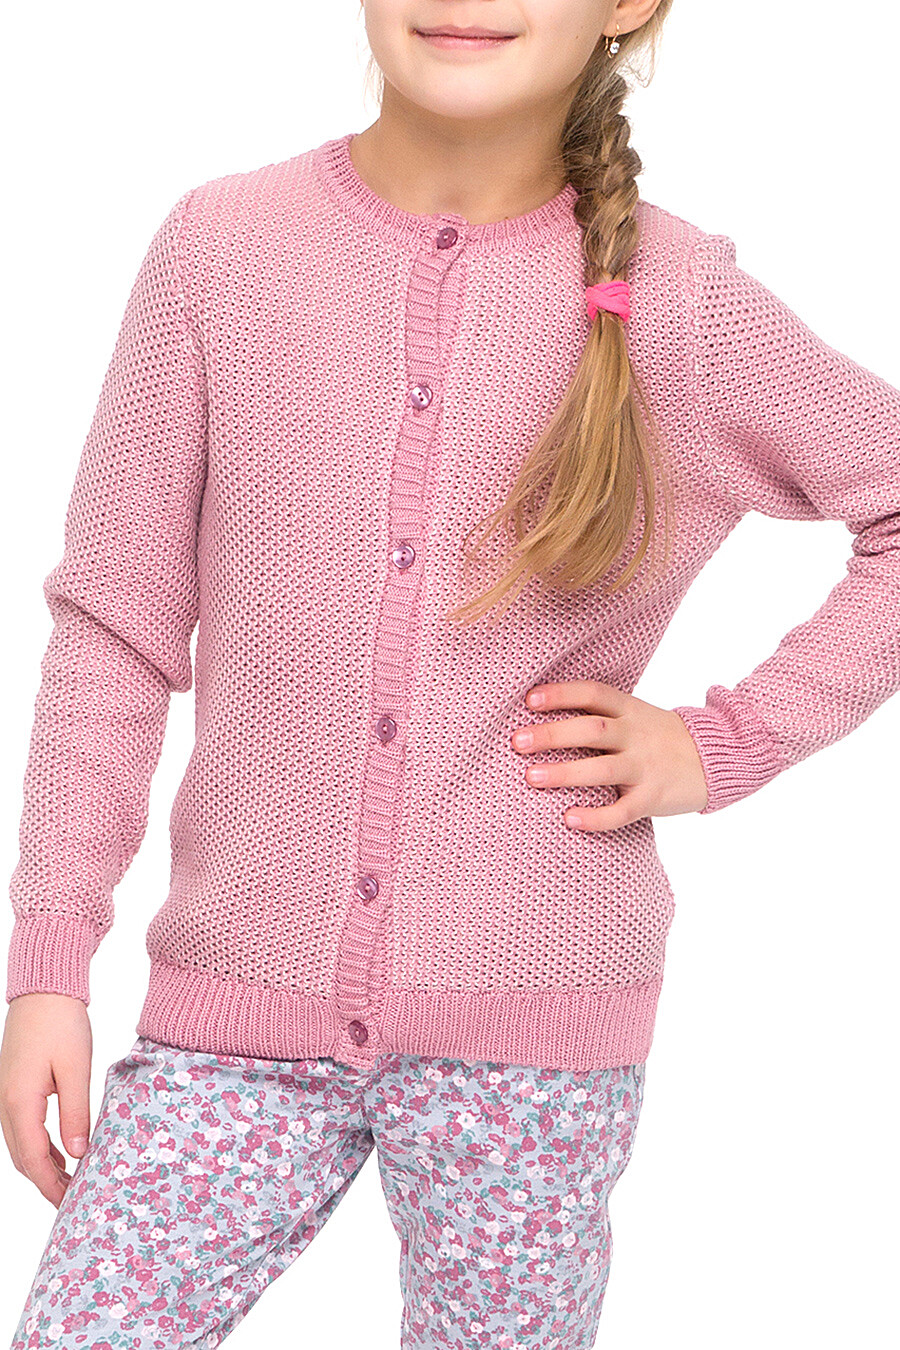 Жакет для девочек CLEVER 158821 купить оптом от производителя. Совместная покупка детской одежды в OptMoyo